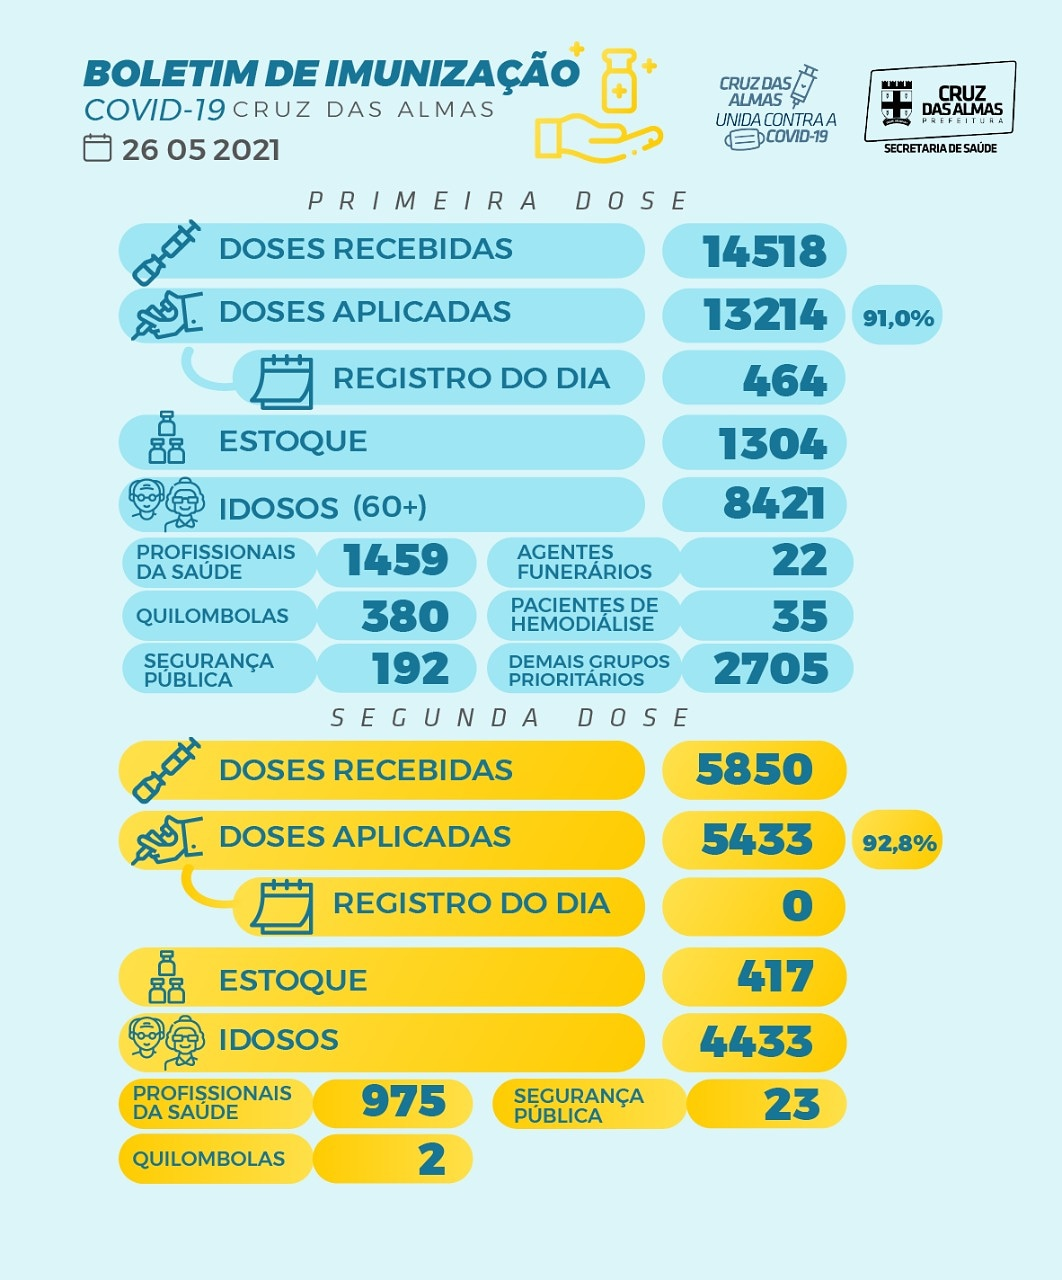 BOLETIM DE IMUNIZAÇÃO 26/05/2021